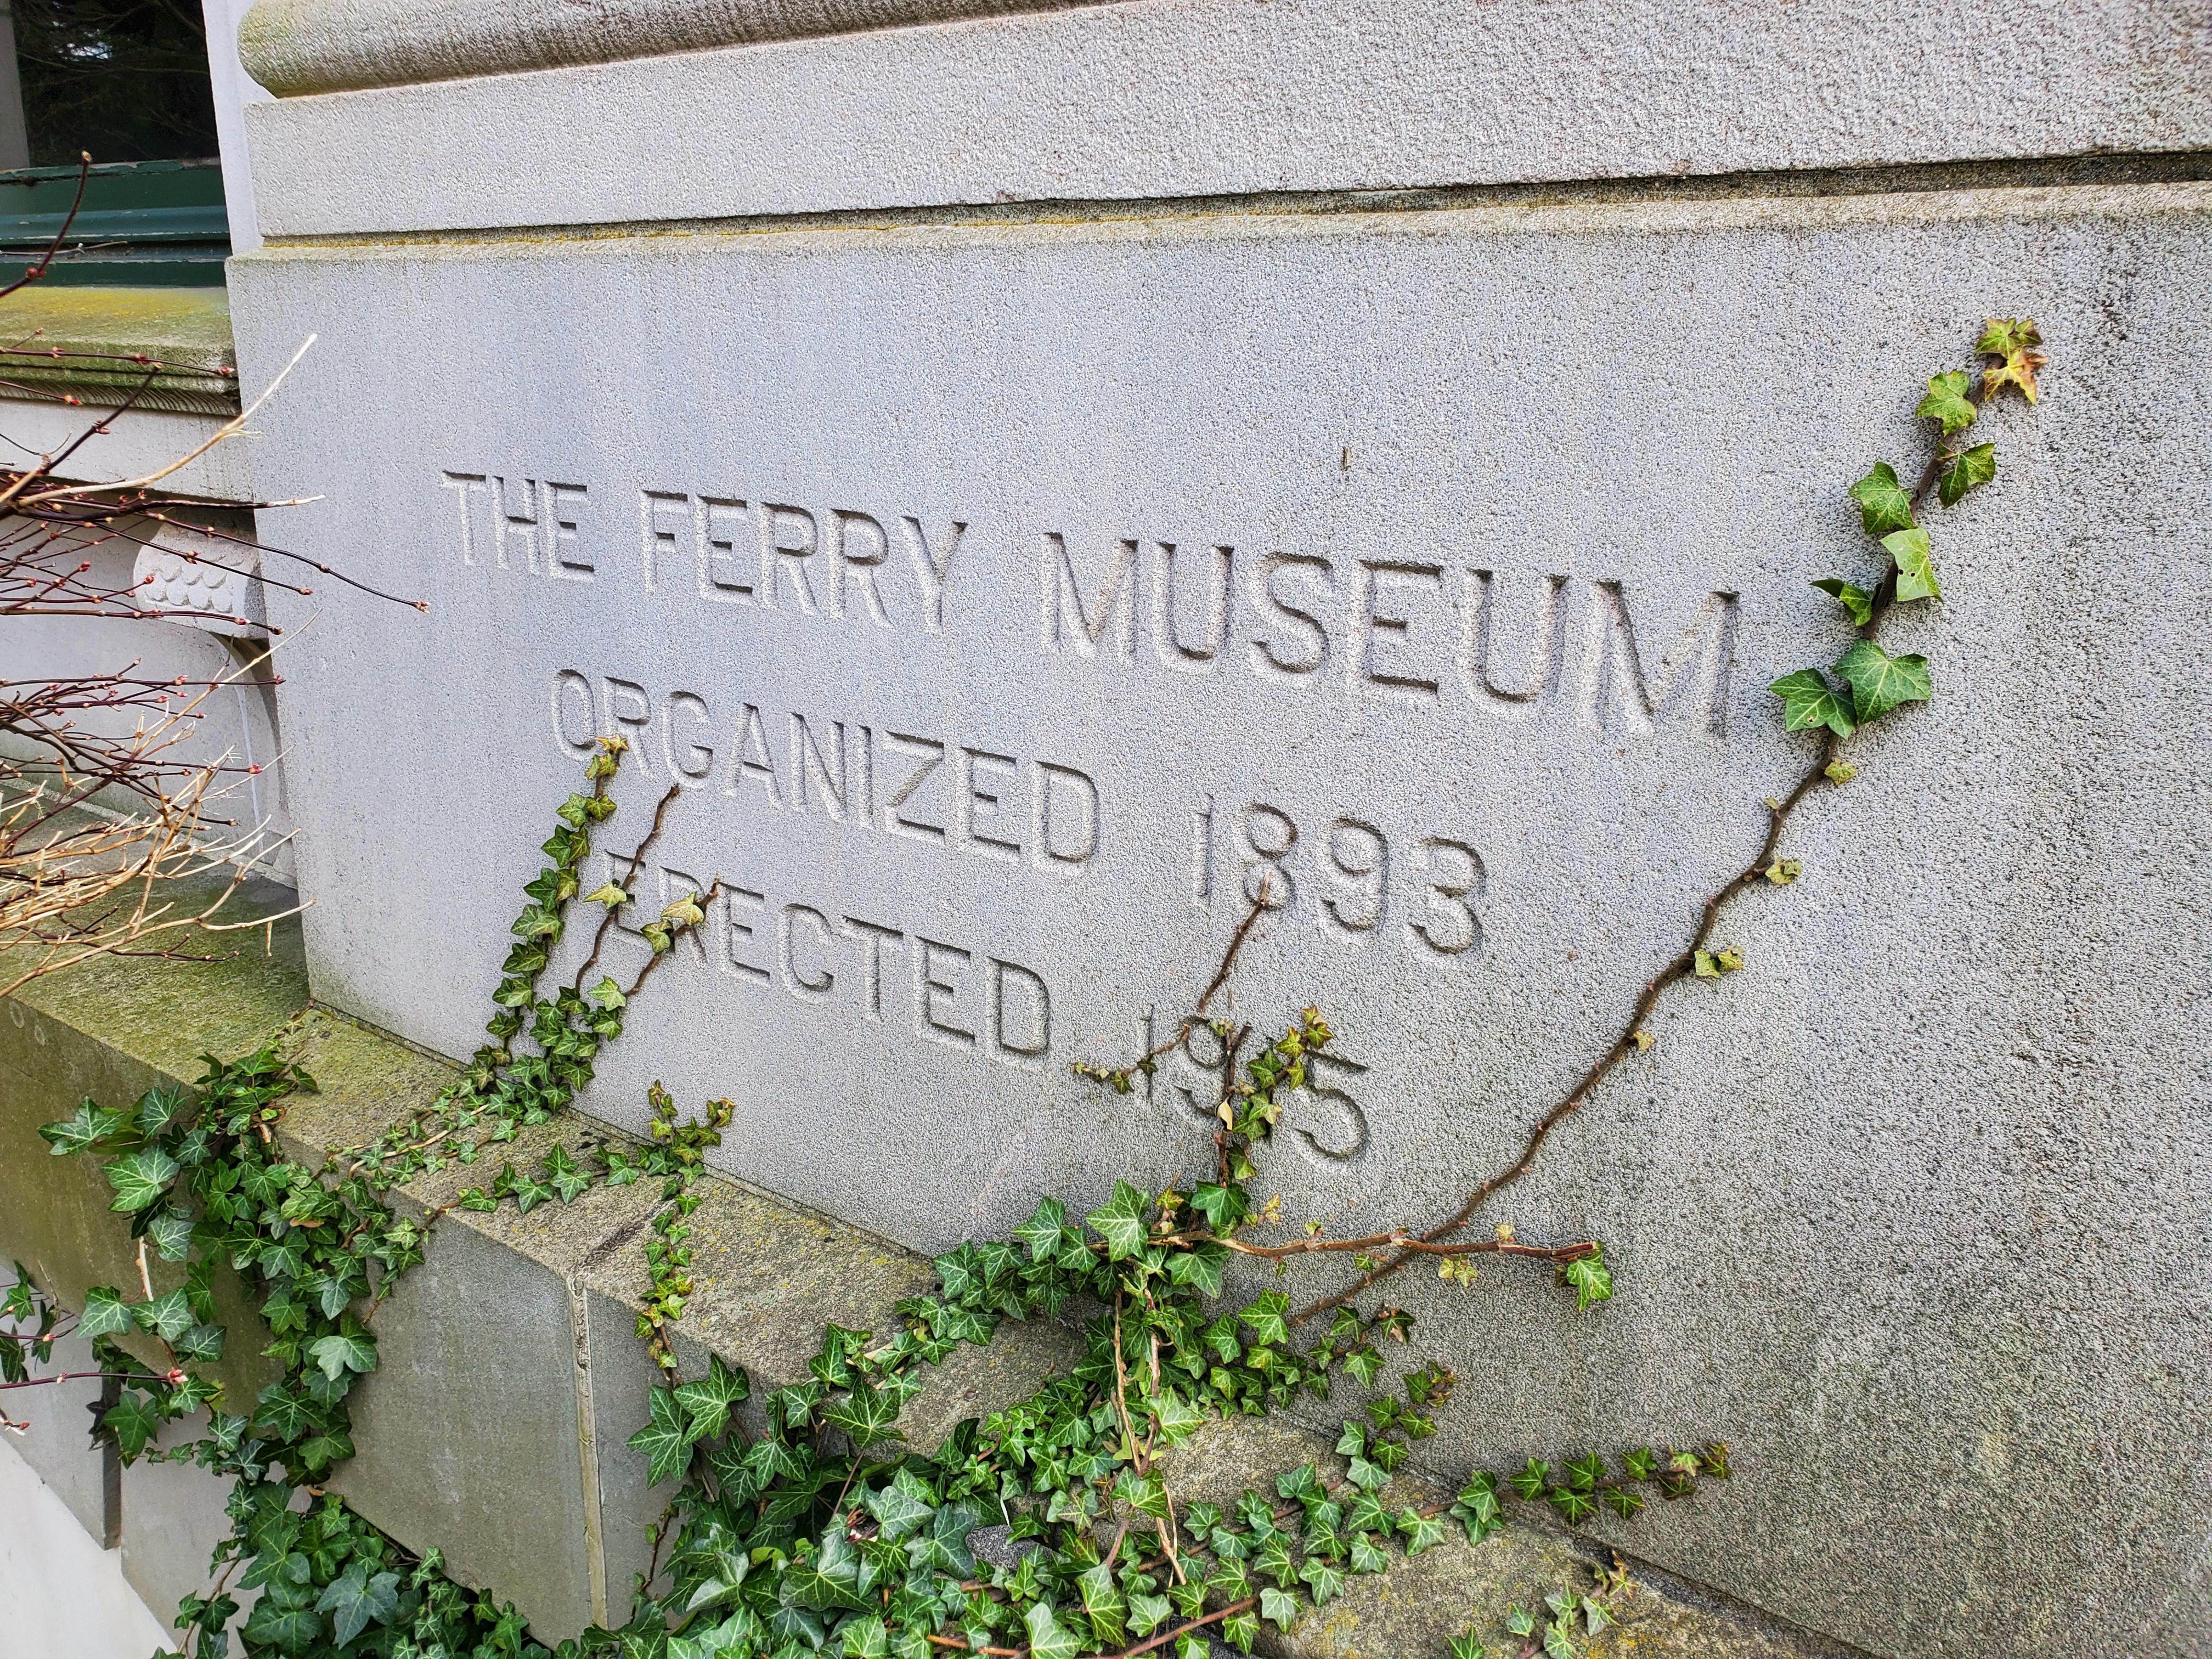 Ferru Museum cornerstone